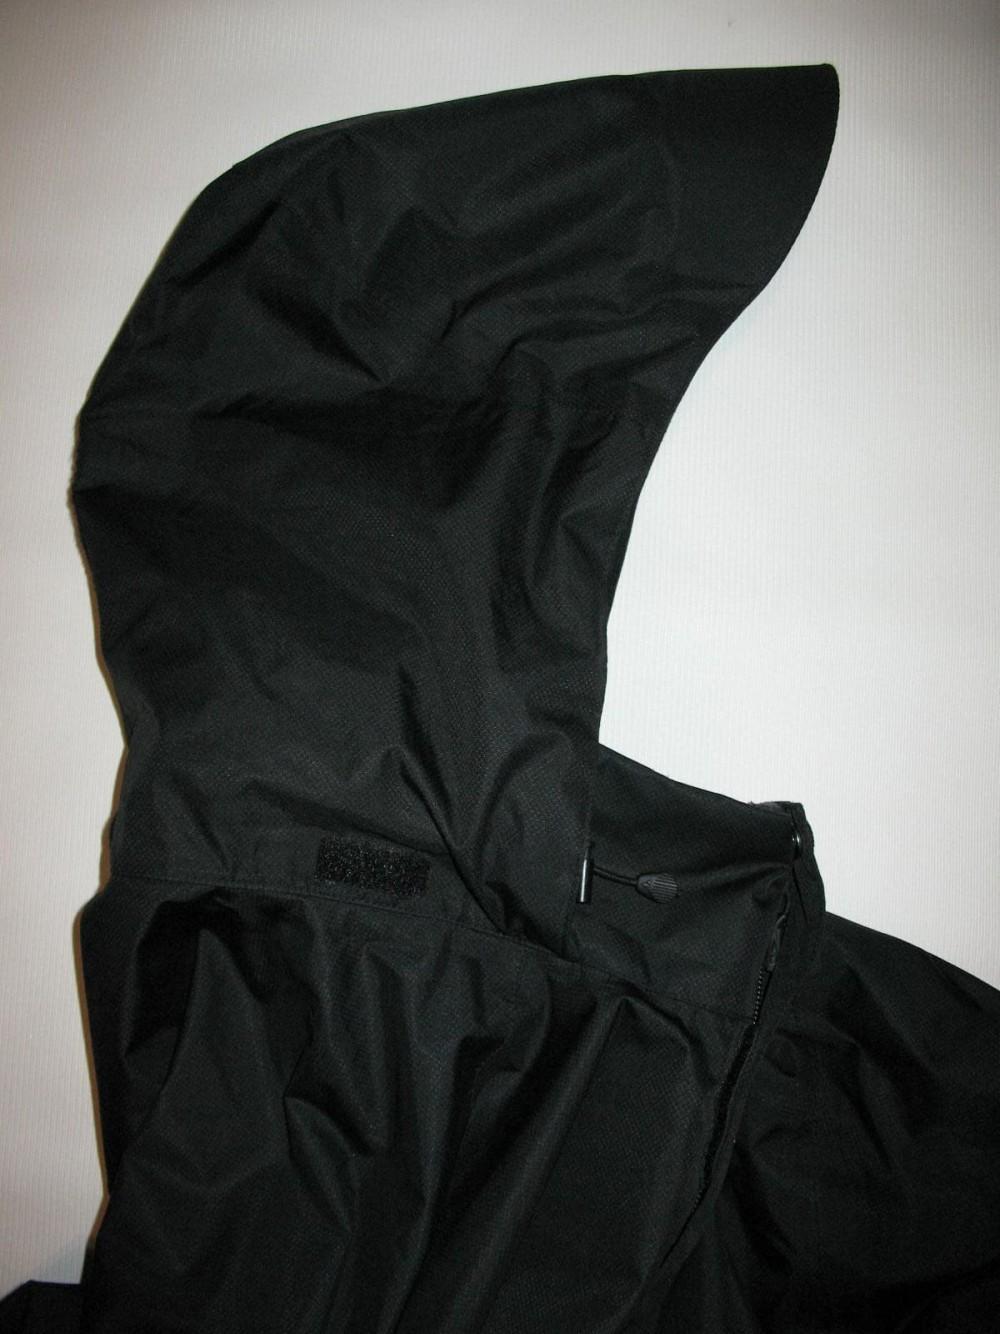 Куртка VAUDE escape bike III jacket (размер 56-XXL) - 7